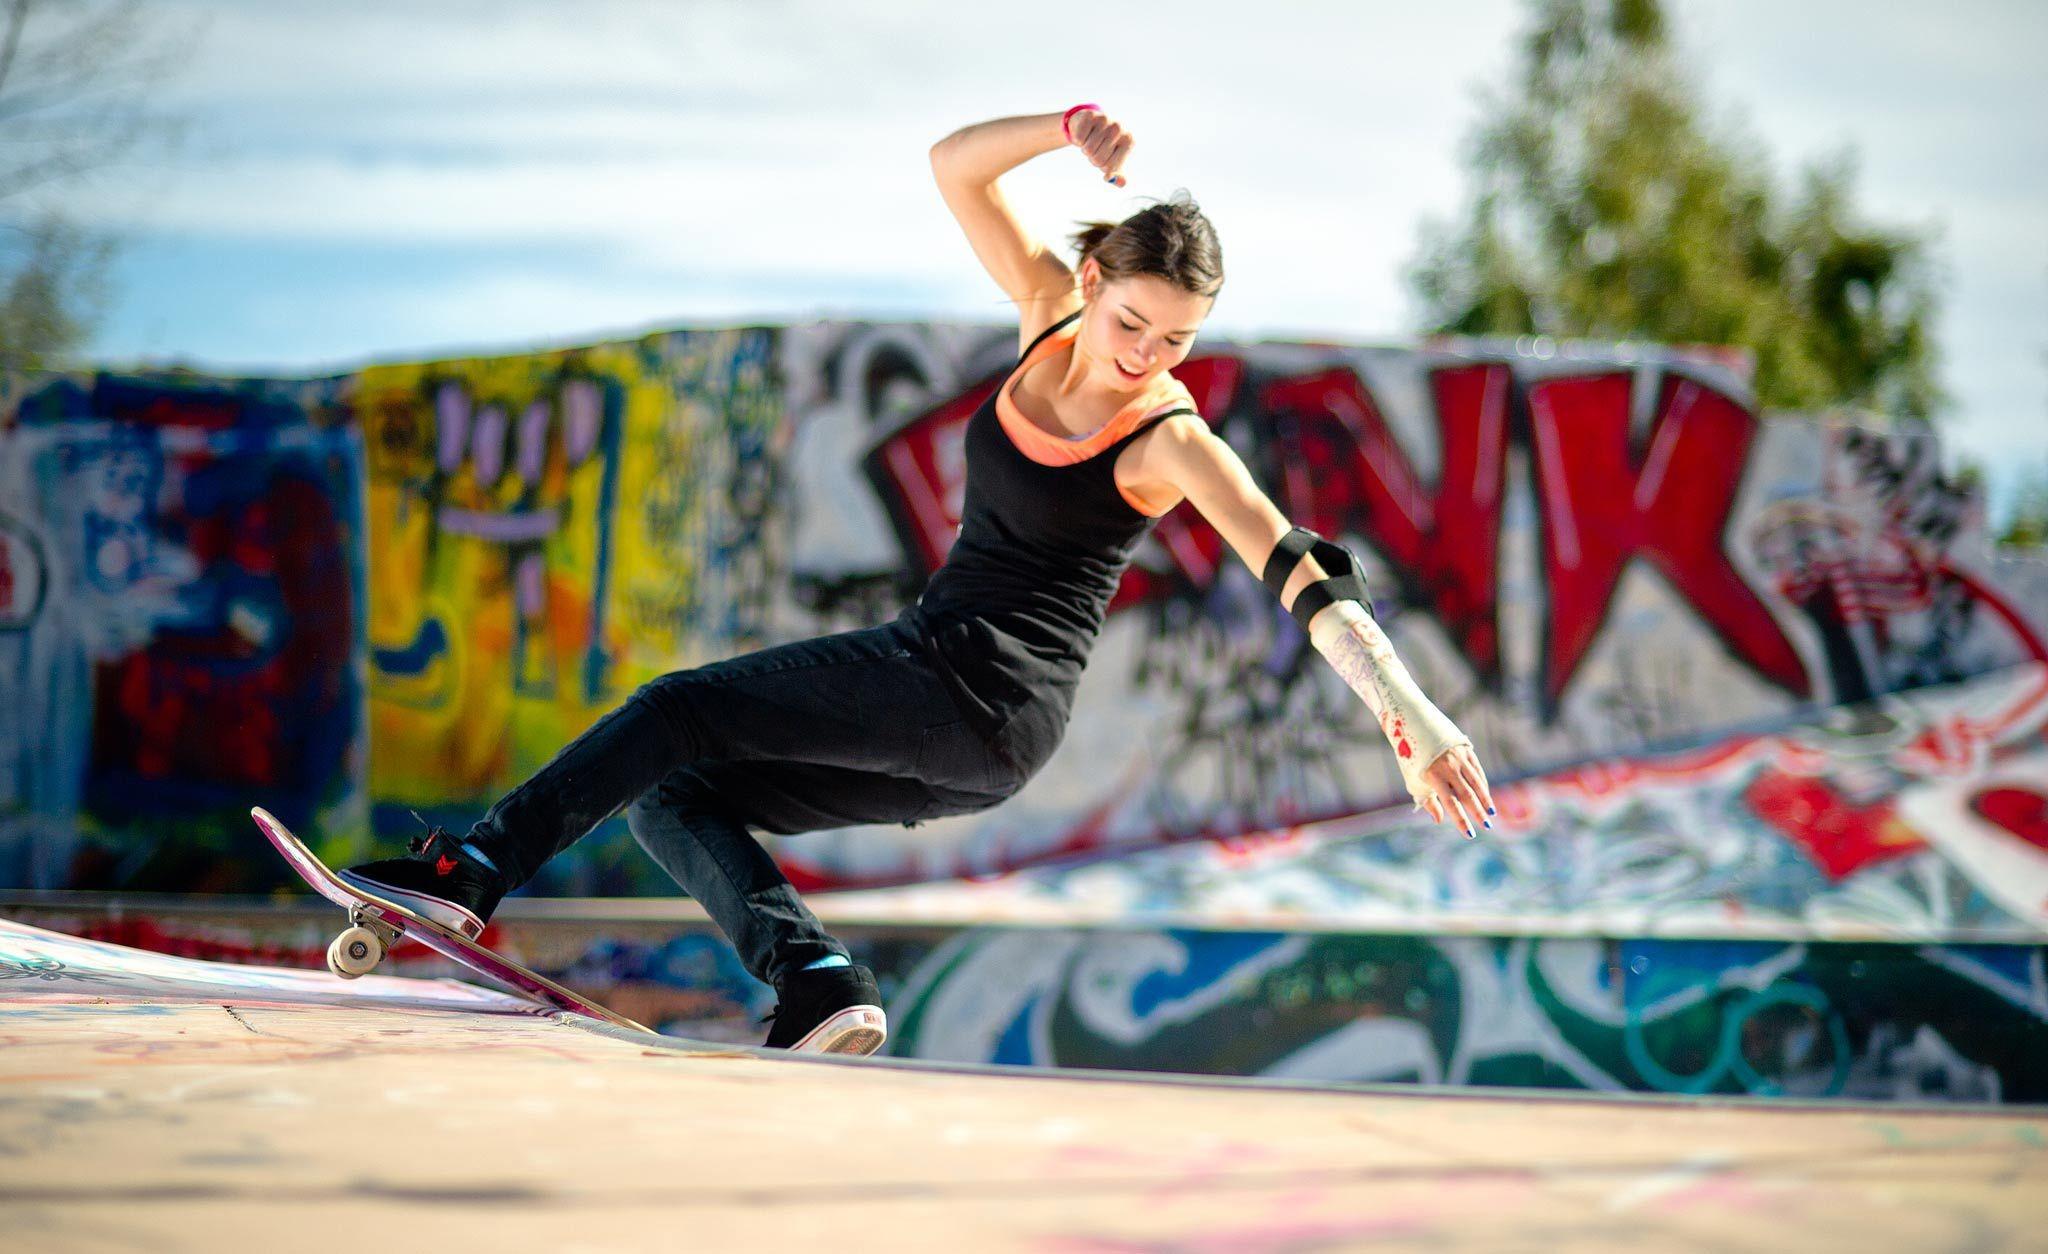 Skateboard wallpaper swag